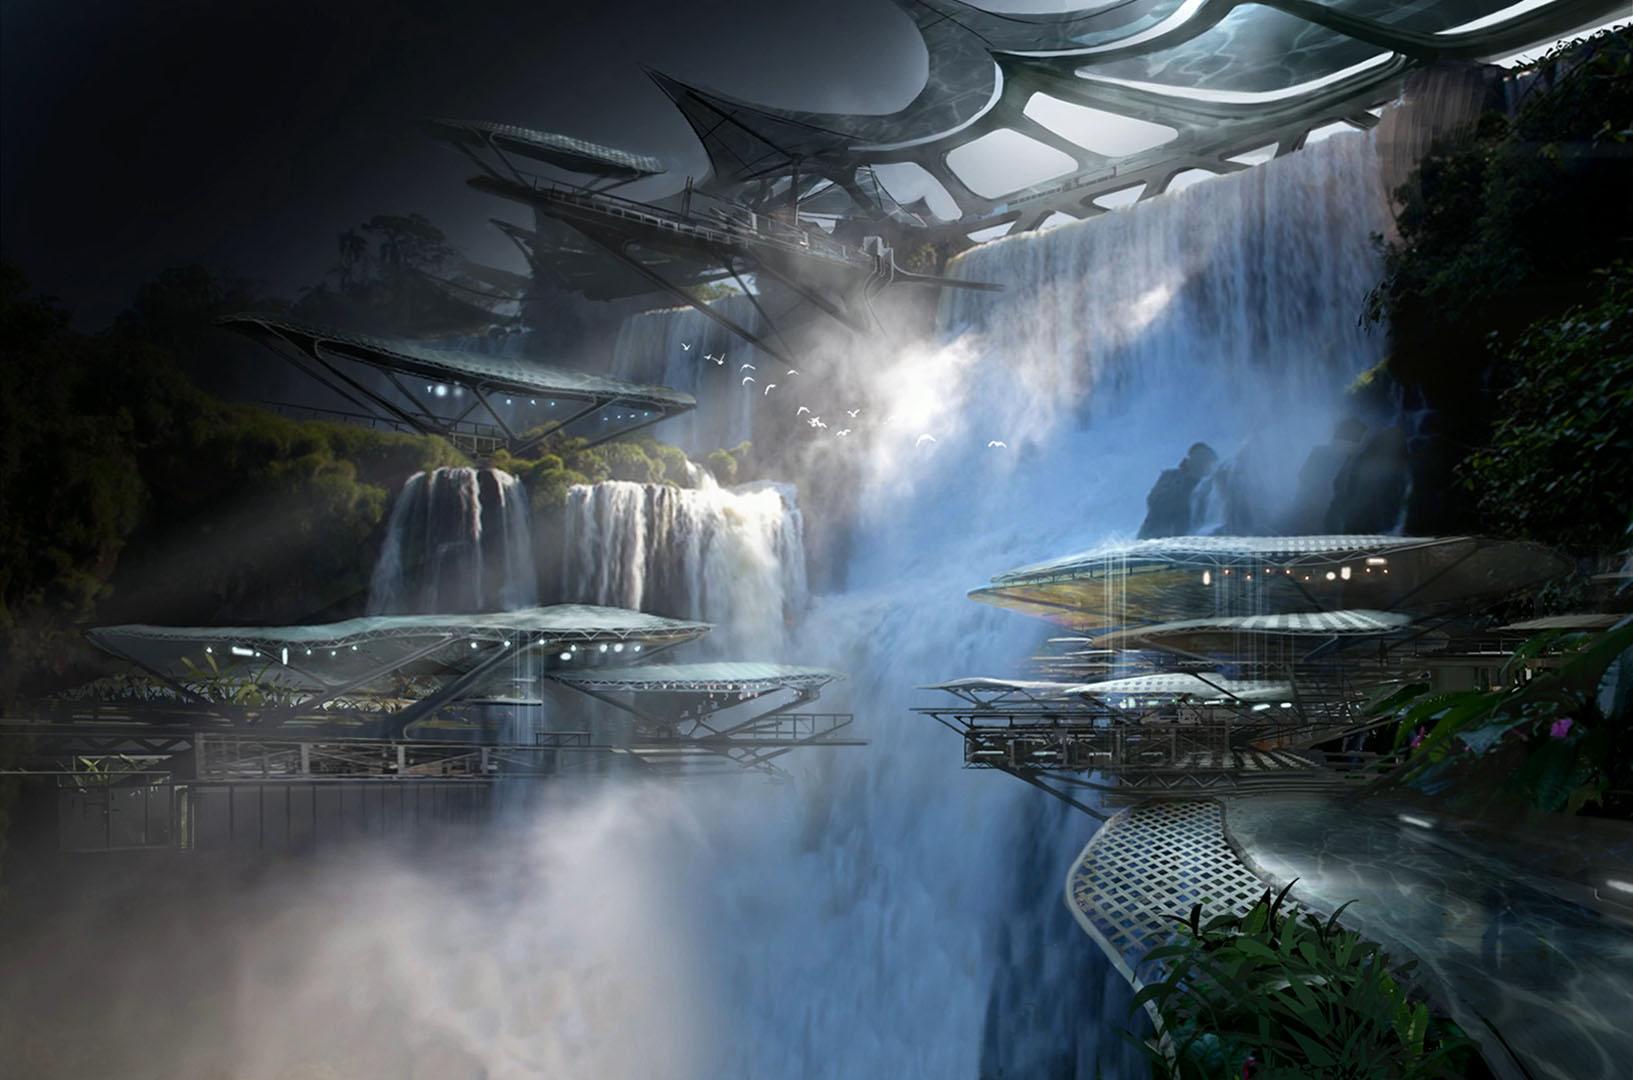 Mass Effect Andromeda Desktop Wallpaper: Mass Effect: Andromeda Computer Wallpapers, Desktop